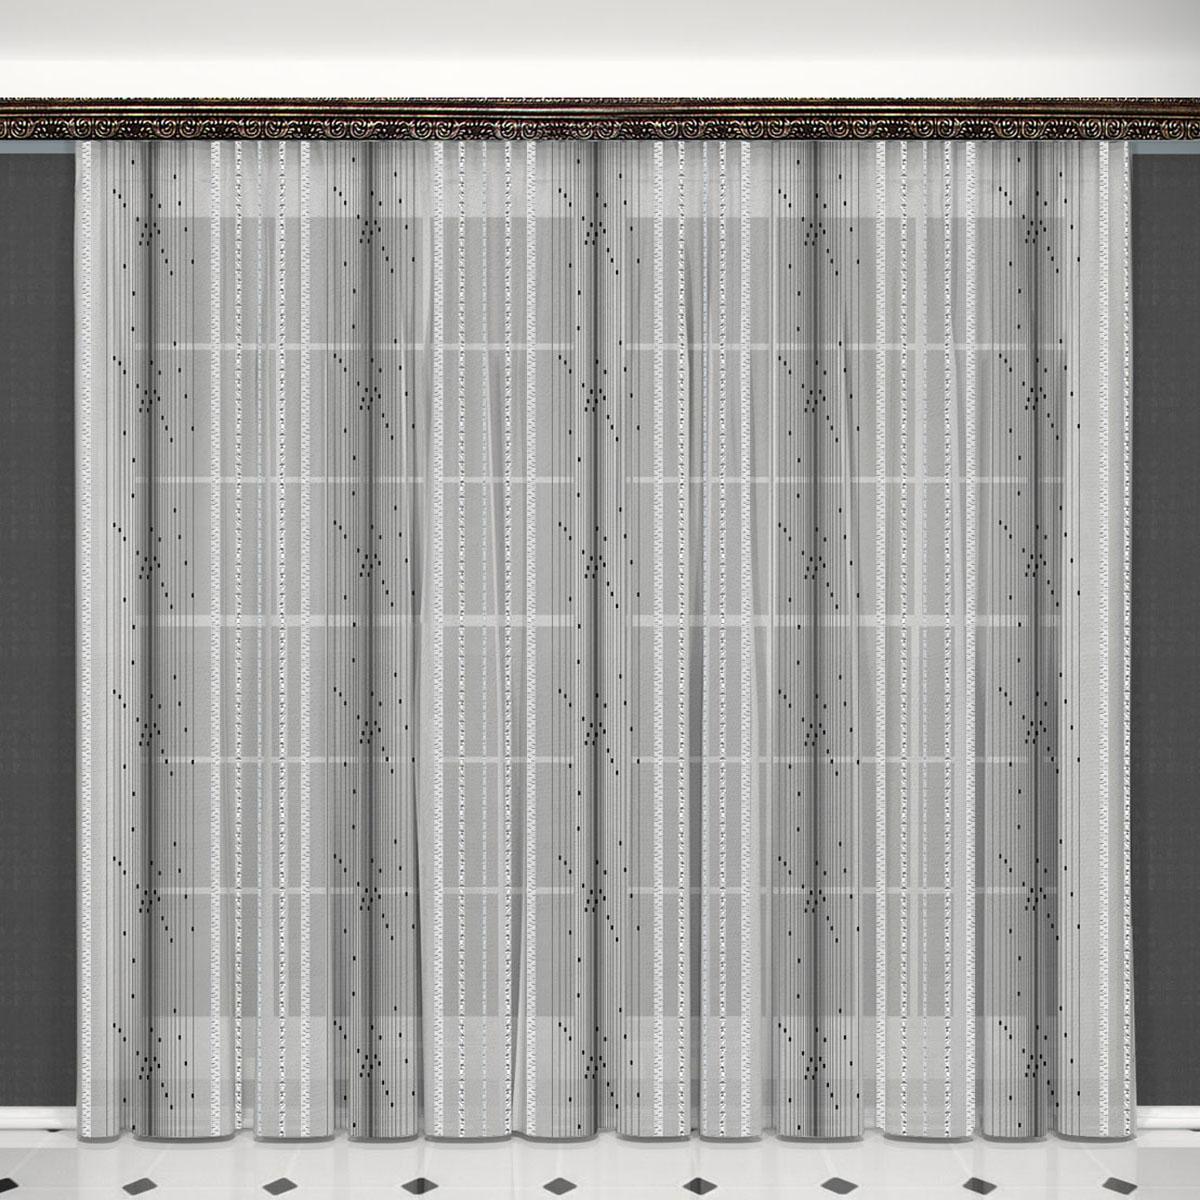 Гардина Zlata Korunka, на ленте, цвет: серый, высота 260 см. 5563355633Воздушная гардина Zlata Korunka, изготовленная из высококачественного полиэстера, станет великолепным украшением любого окна. Оригинальное оформление гардины внесет разнообразие и подарит заряд положительного настроения. Крепится при помощи шторной ленты.